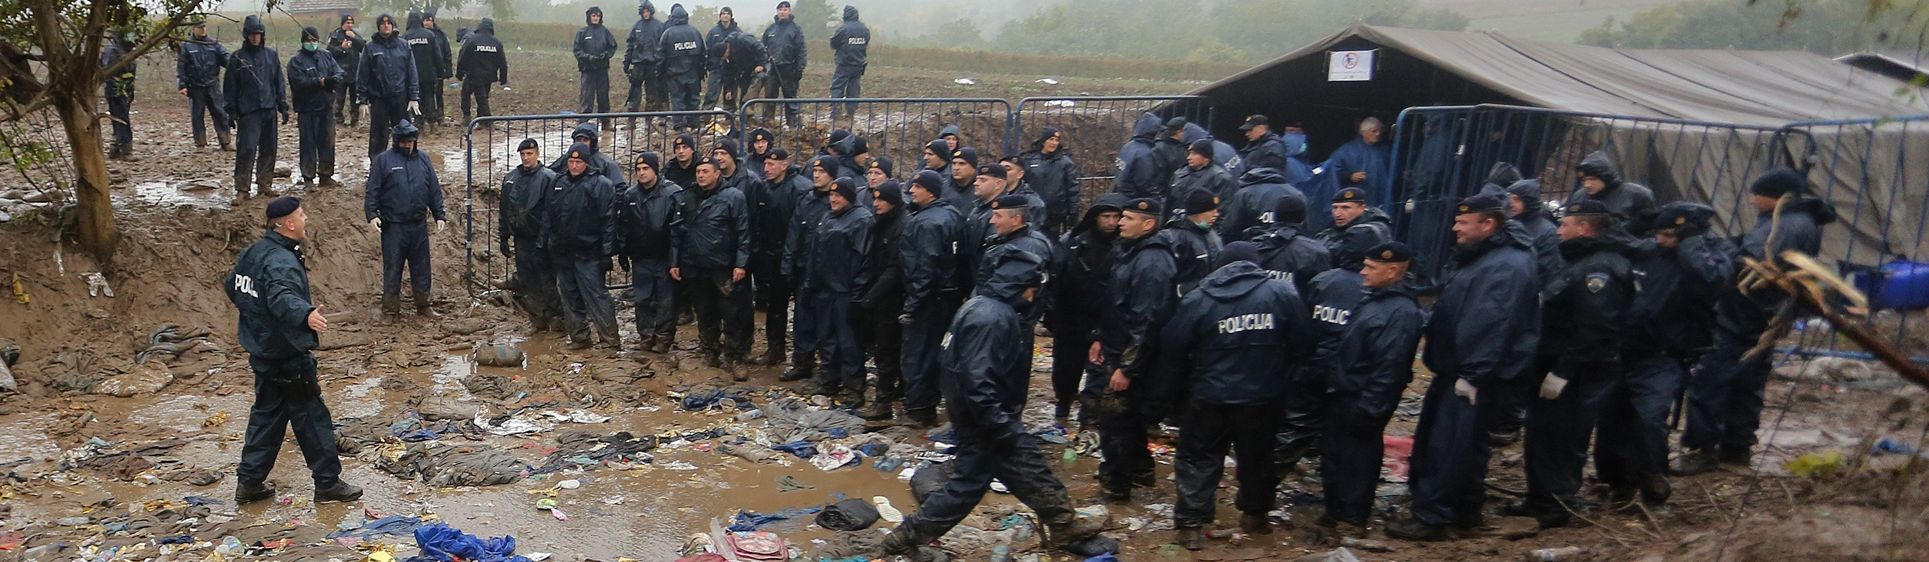 HND POLICIJI: Suzdržite se od gruboga postupanja prema novinarima